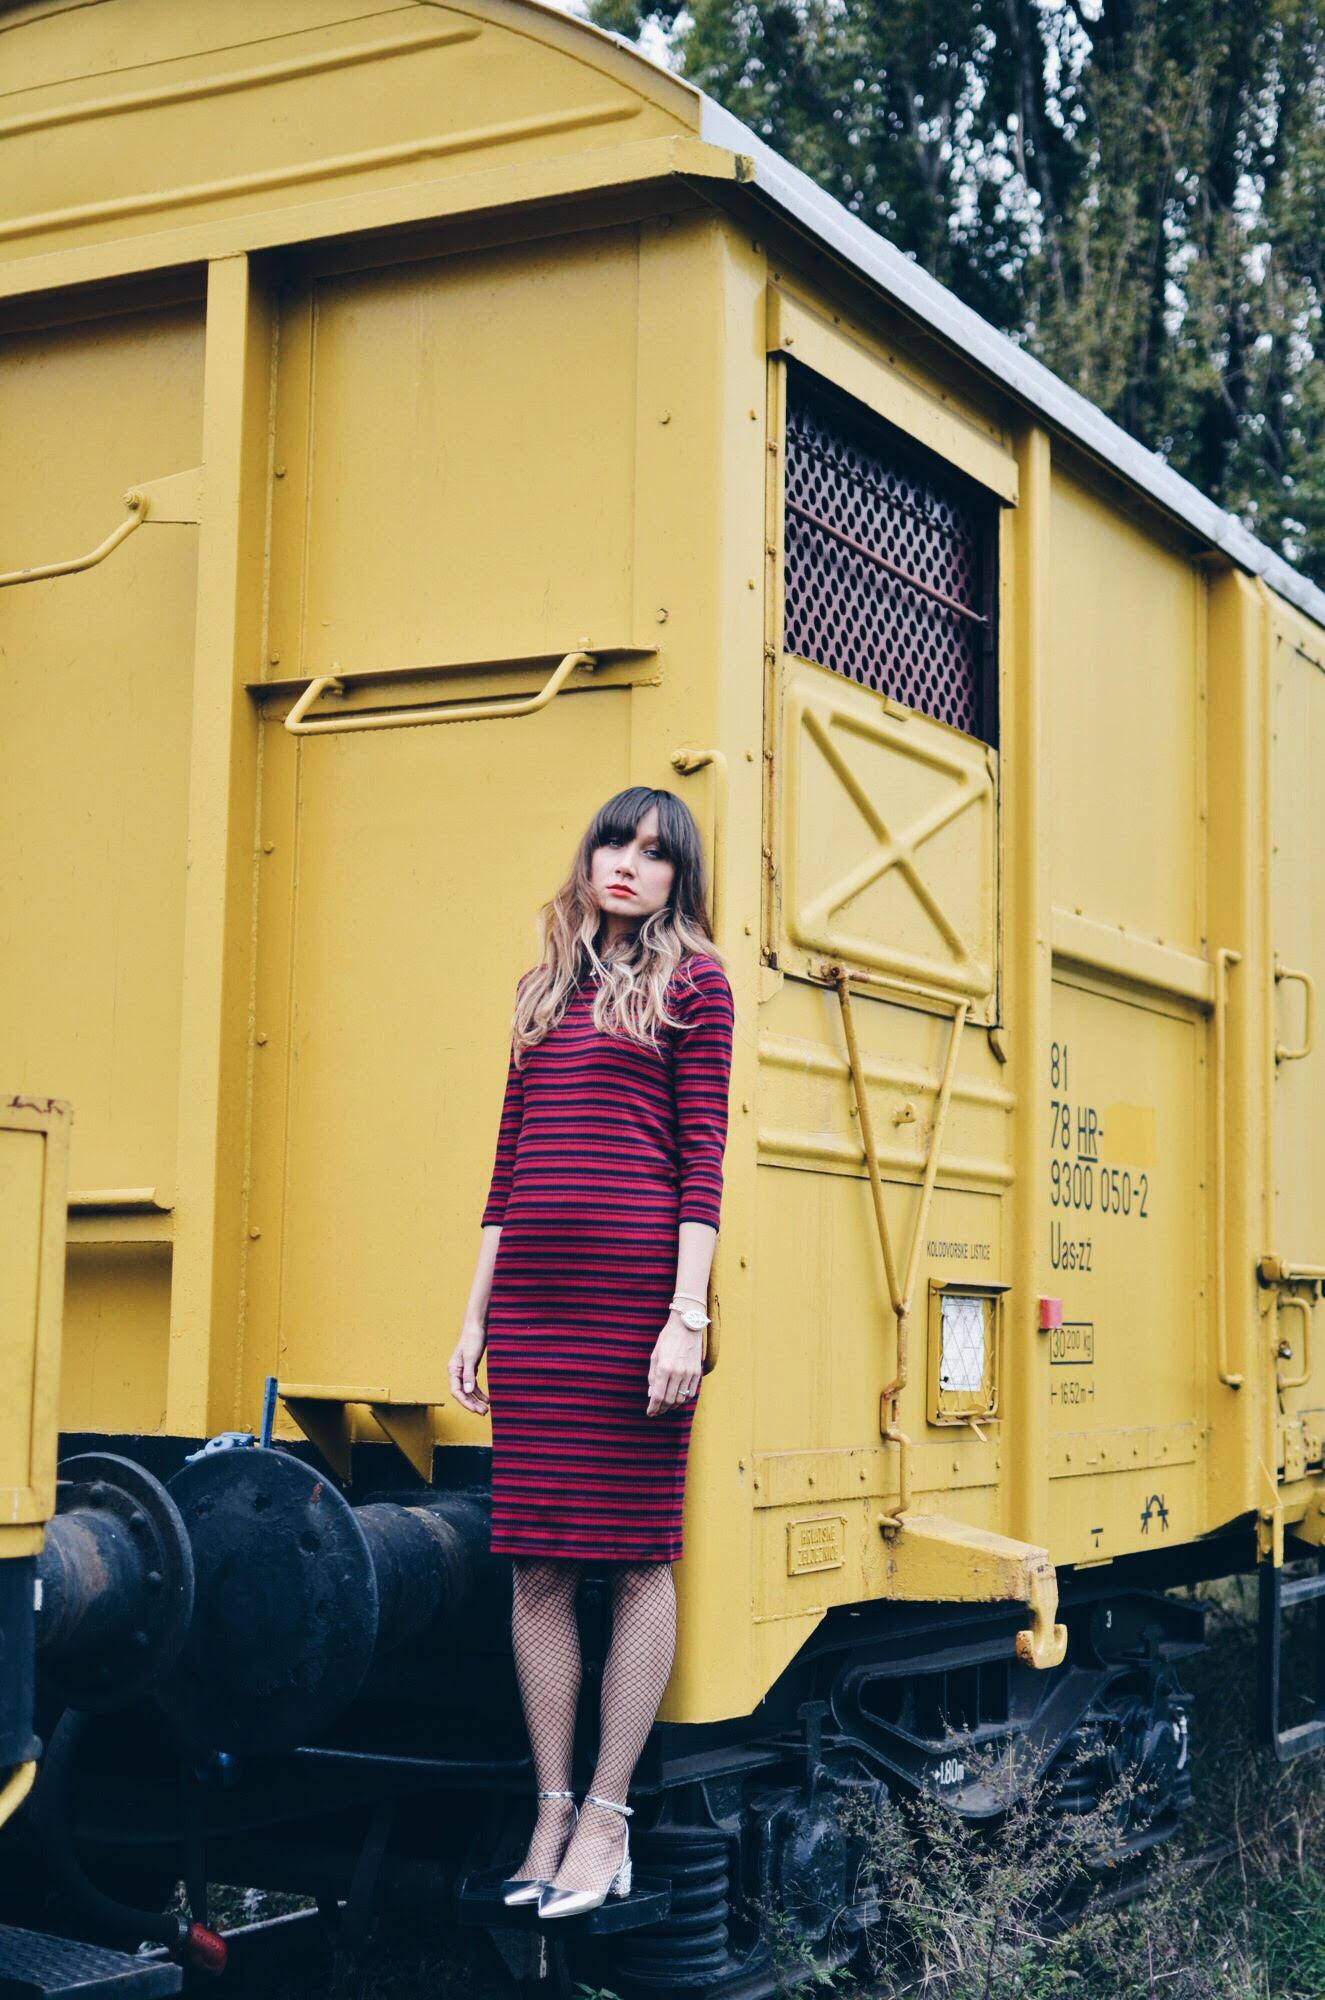 3 WAYS TO WEAR A STRIPED DRESS